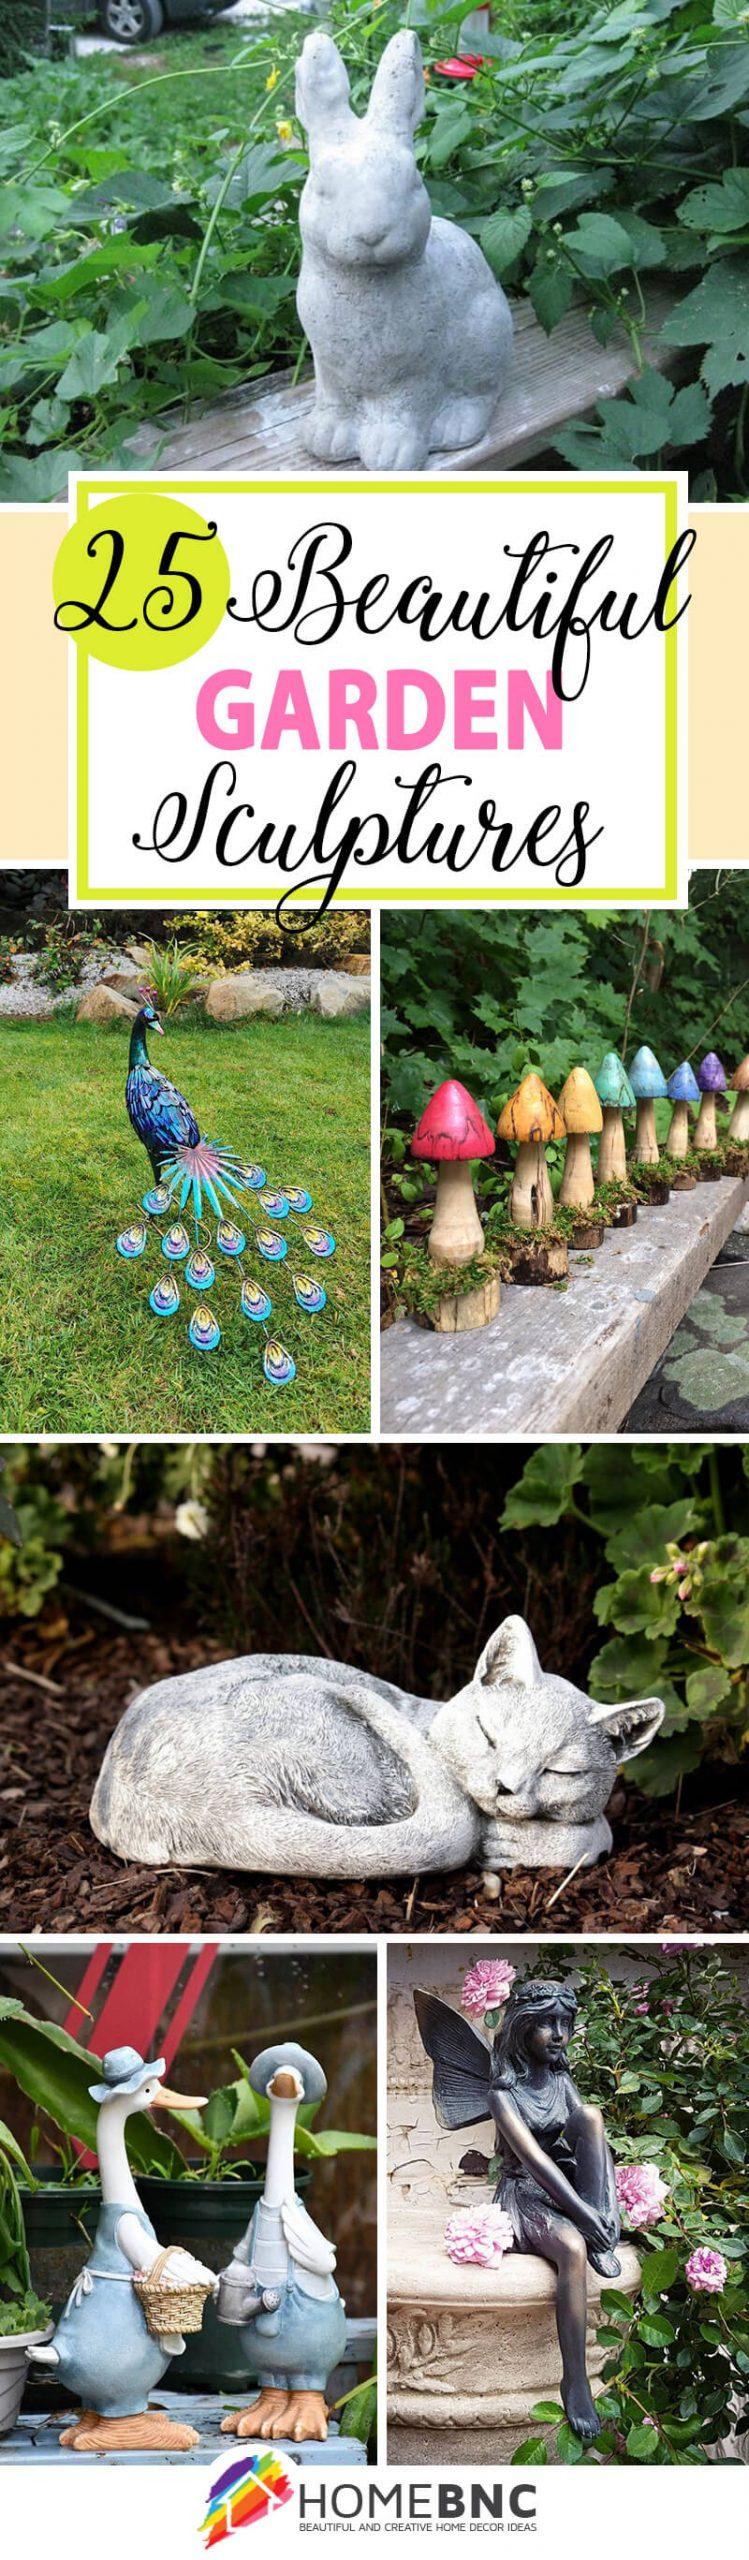 Best Garden Statues and Sculptures